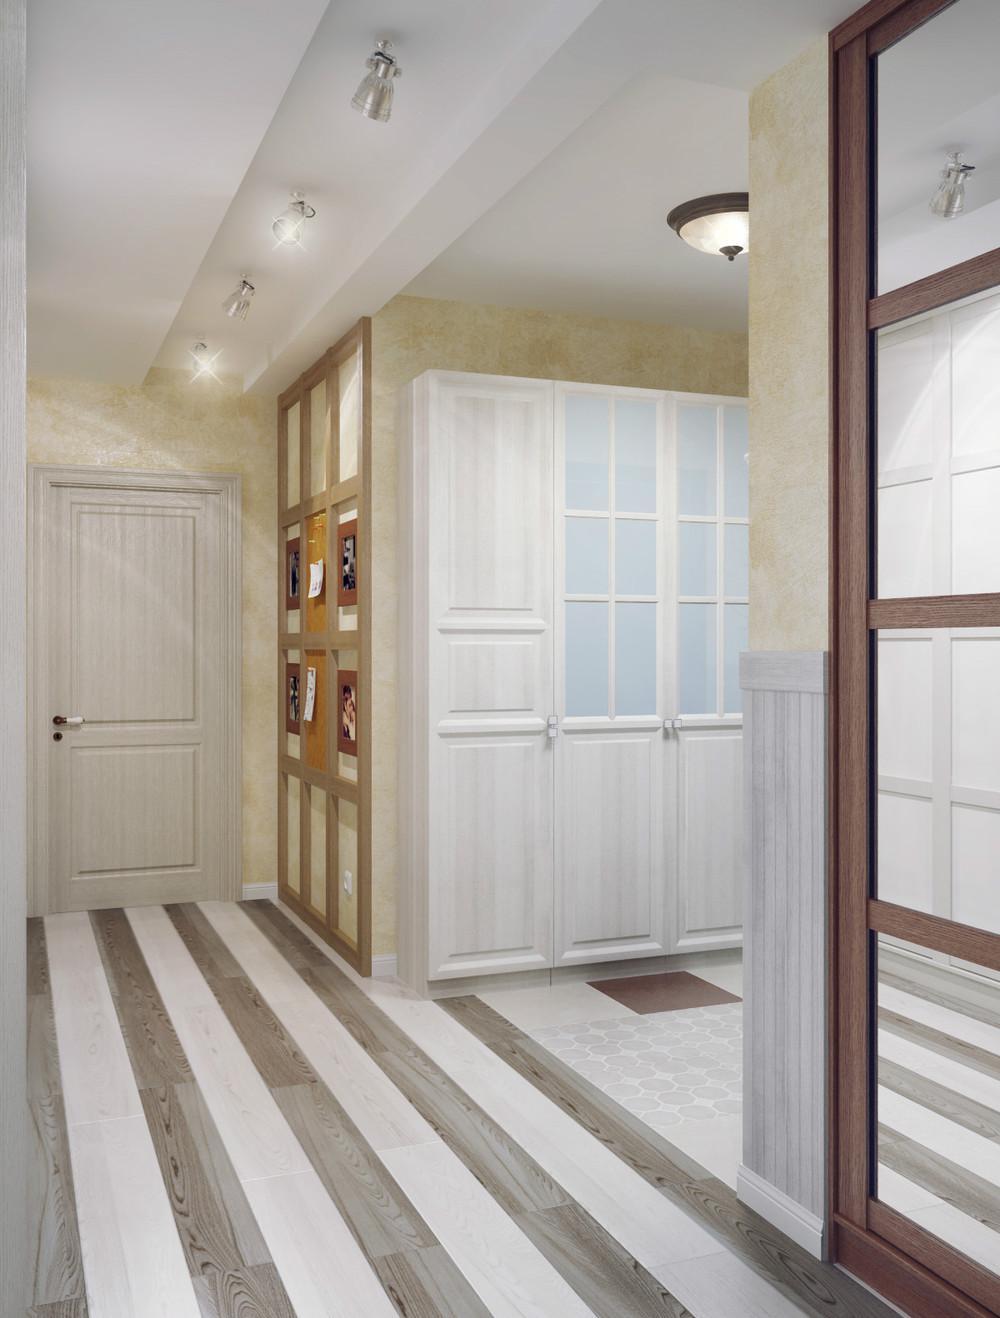 Люстра и металлические светильники в коридоре